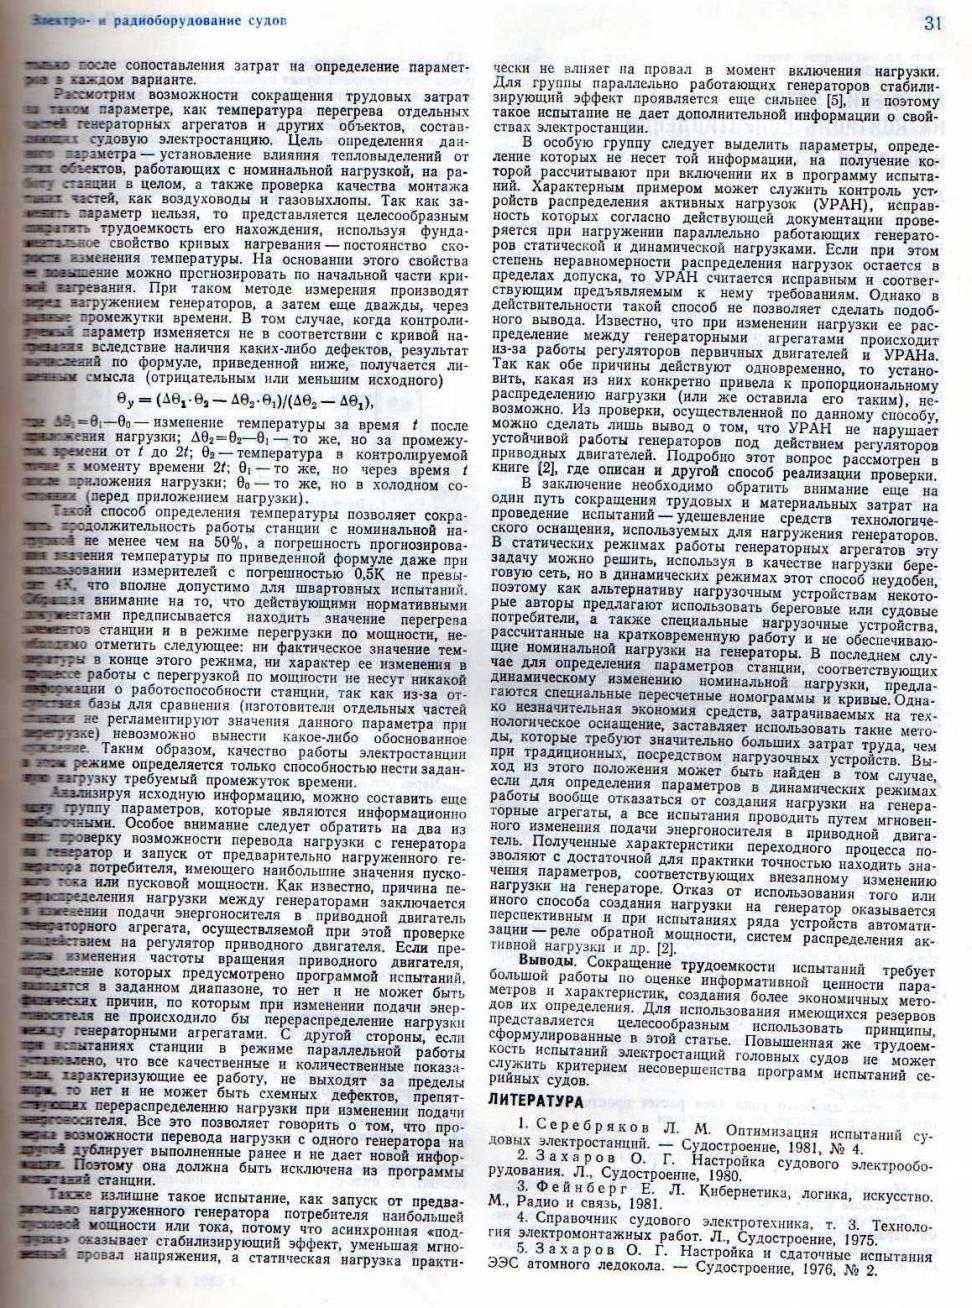 Захаров О. Г. Принципы сокращения трудоемкости испытаний и контроля